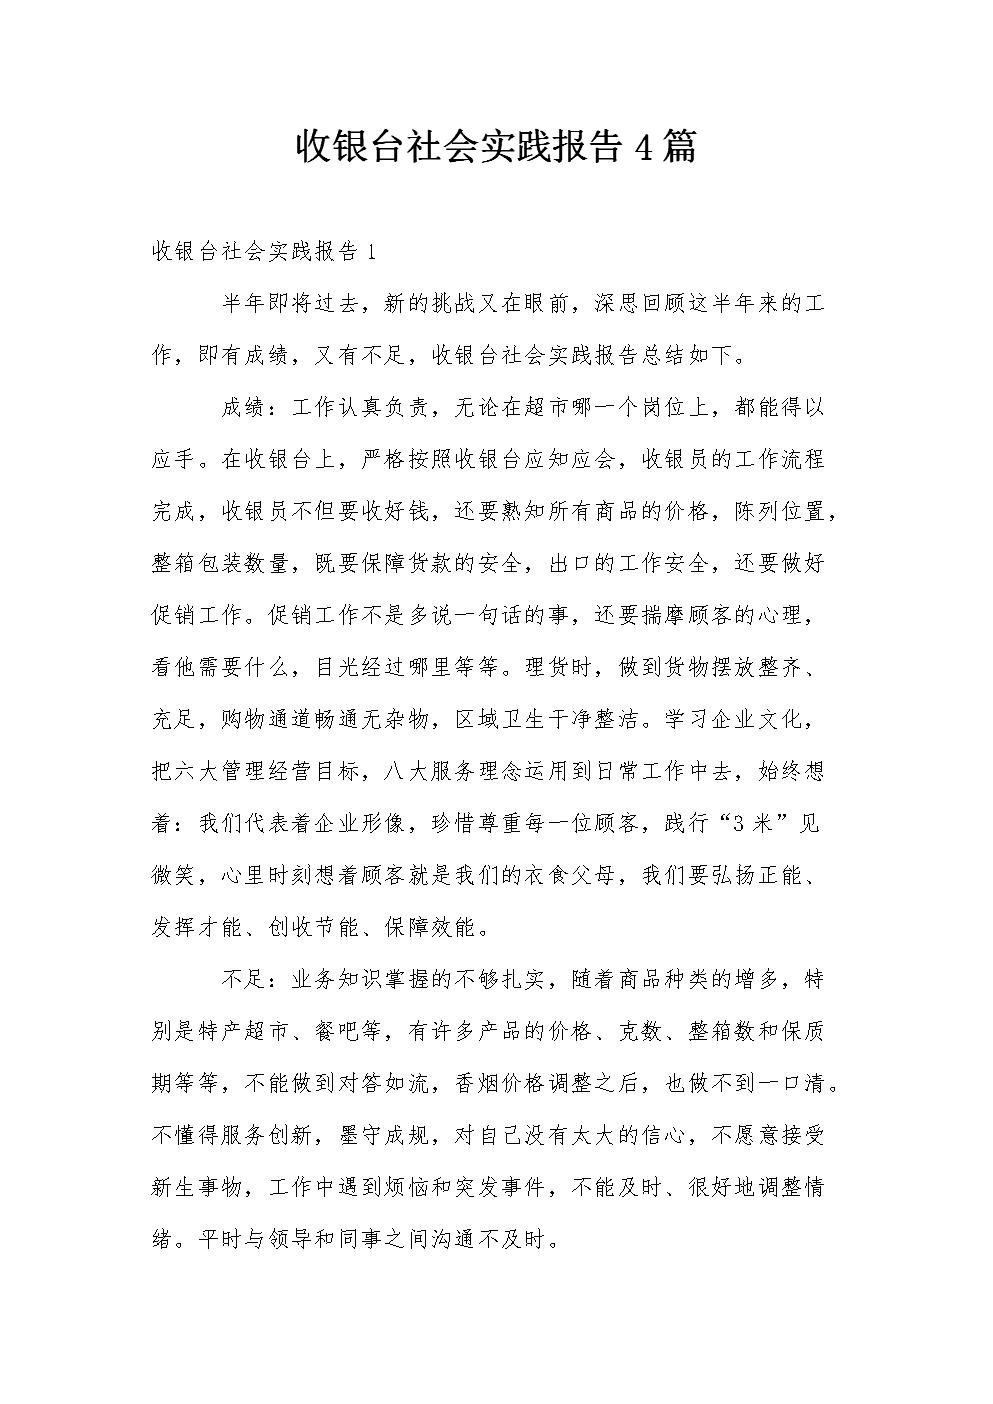 收银台社会实践报告4篇.doc